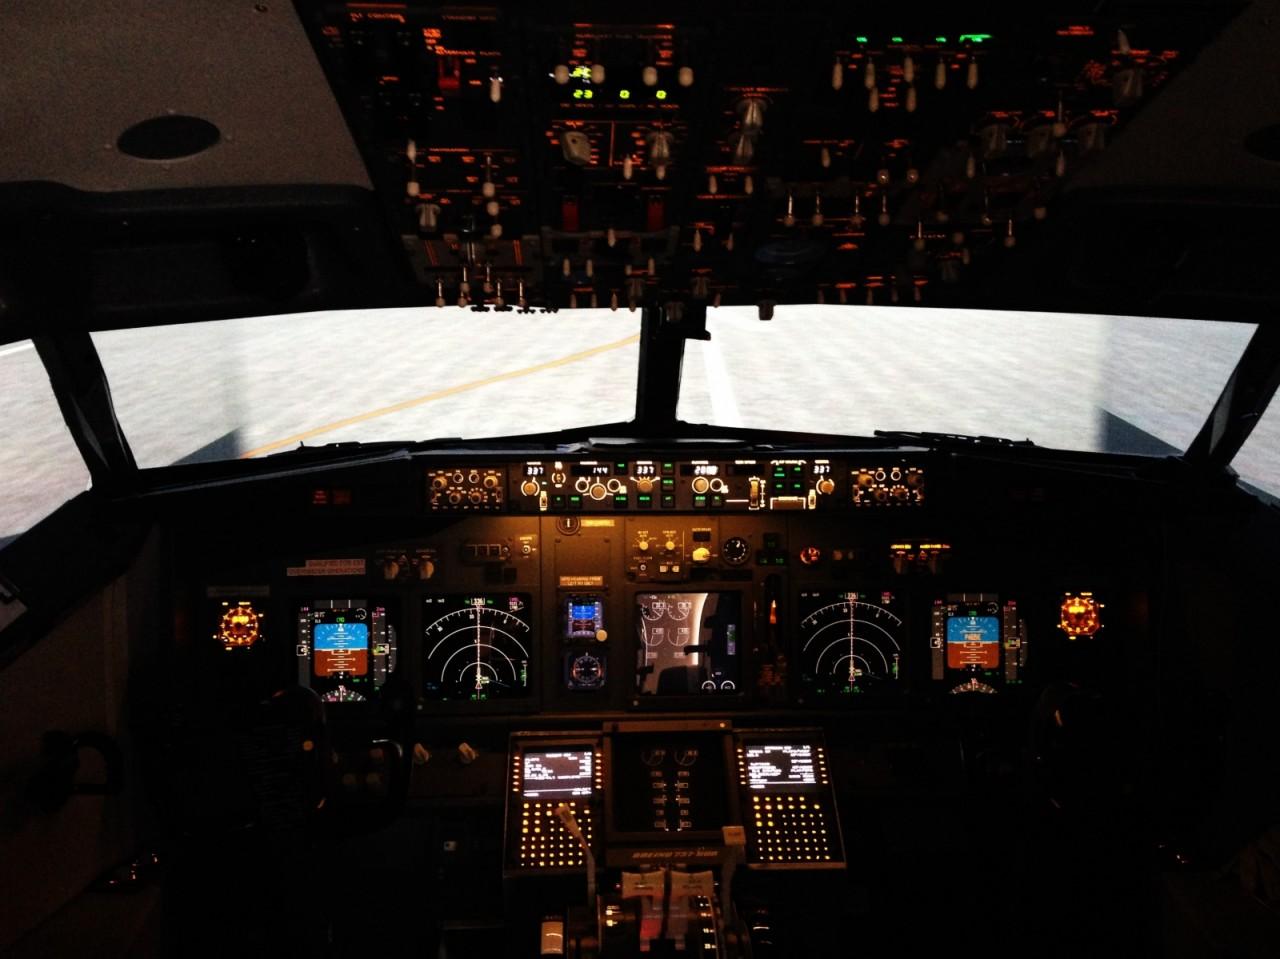 มาลองเป็นกัปตันขับเครื่องบินที่ฮาเนดะกันเถอะ!!